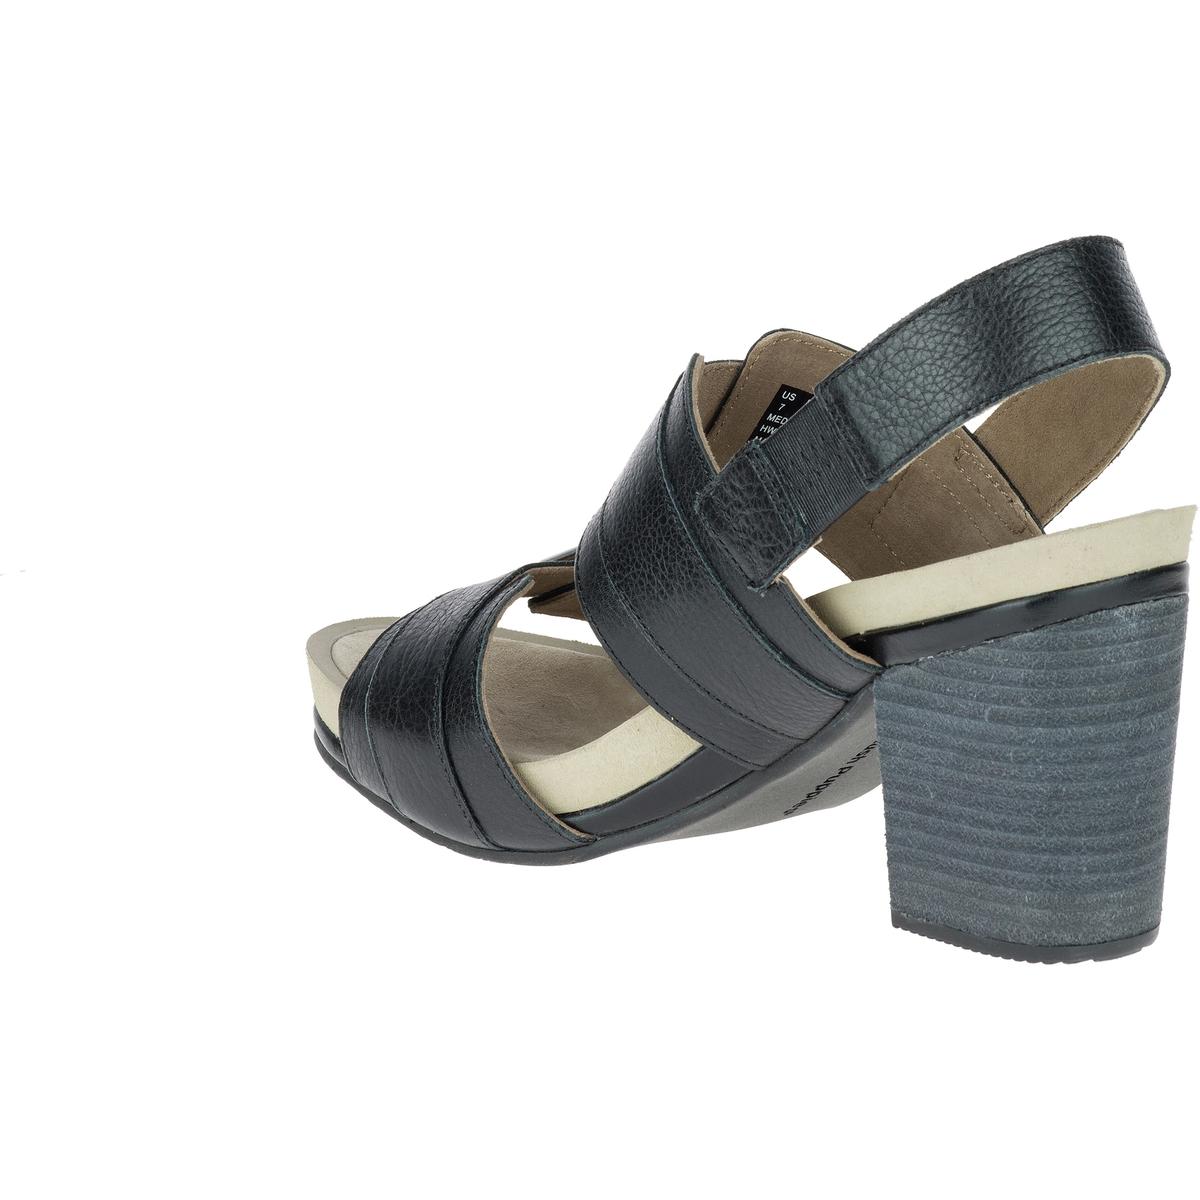 Босоножки кожаные LeonieВерх/Голенище : кожа  Подкладка : кожа  Стелька : кожа  Подошва : каучук  Высота каблука : 7 см  Форма каблука : широкий каблук  Мысок : закругленный мысок Застежка : пряжка<br><br>Цвет: черный<br>Размер: 37.38